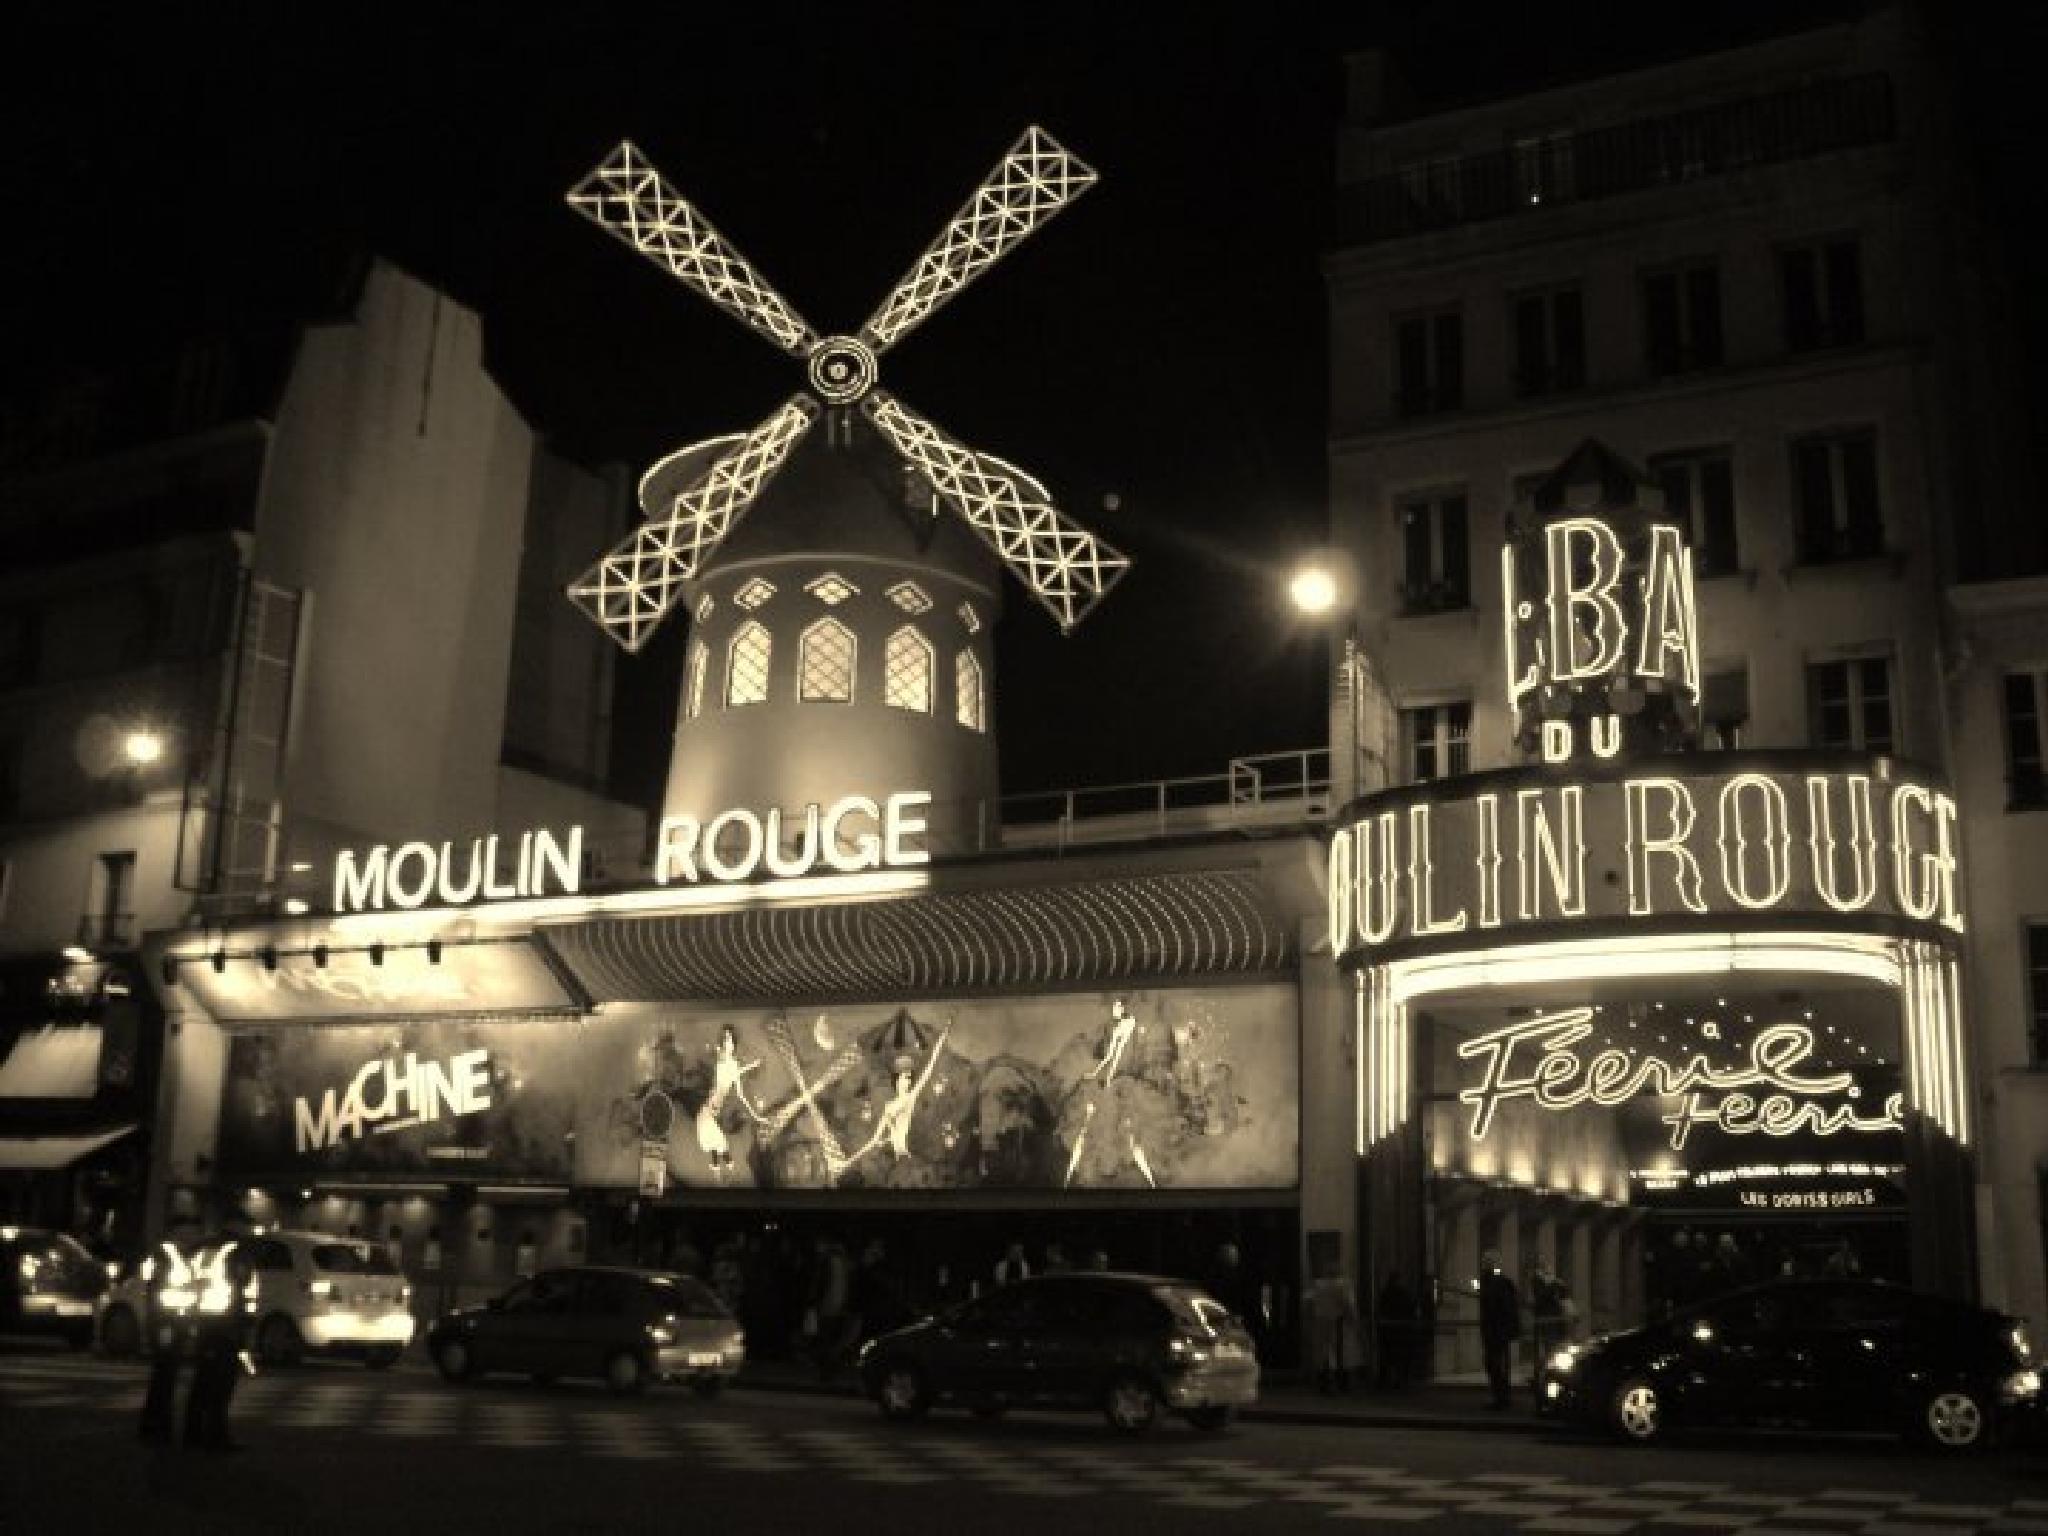 Moulin Rouge, Paris by MZ55